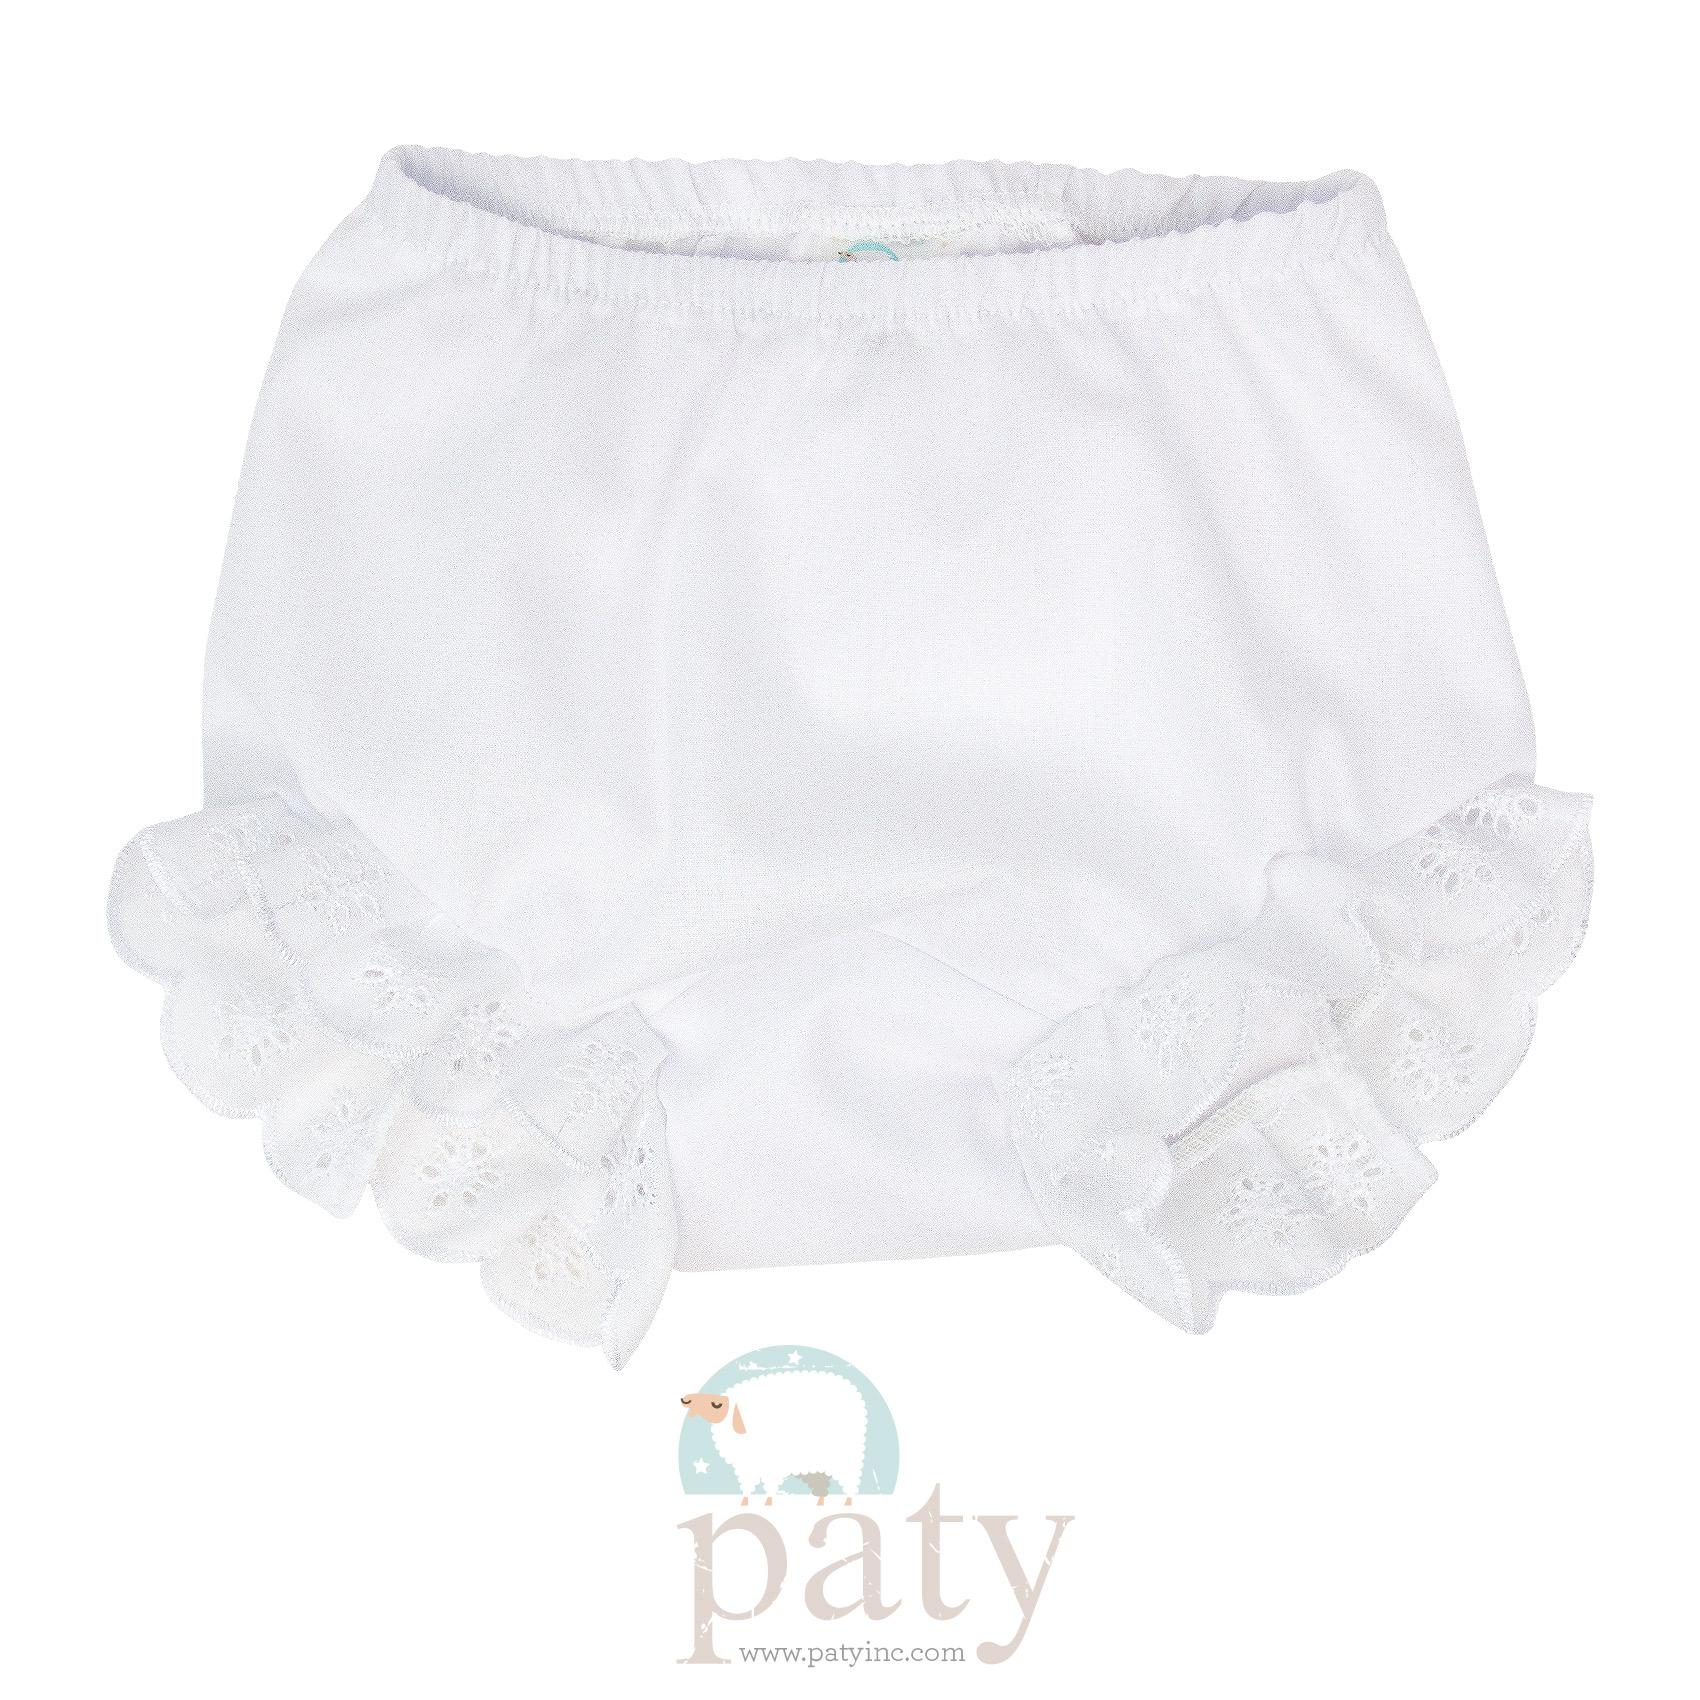 Eyelet Diaper Cover - White